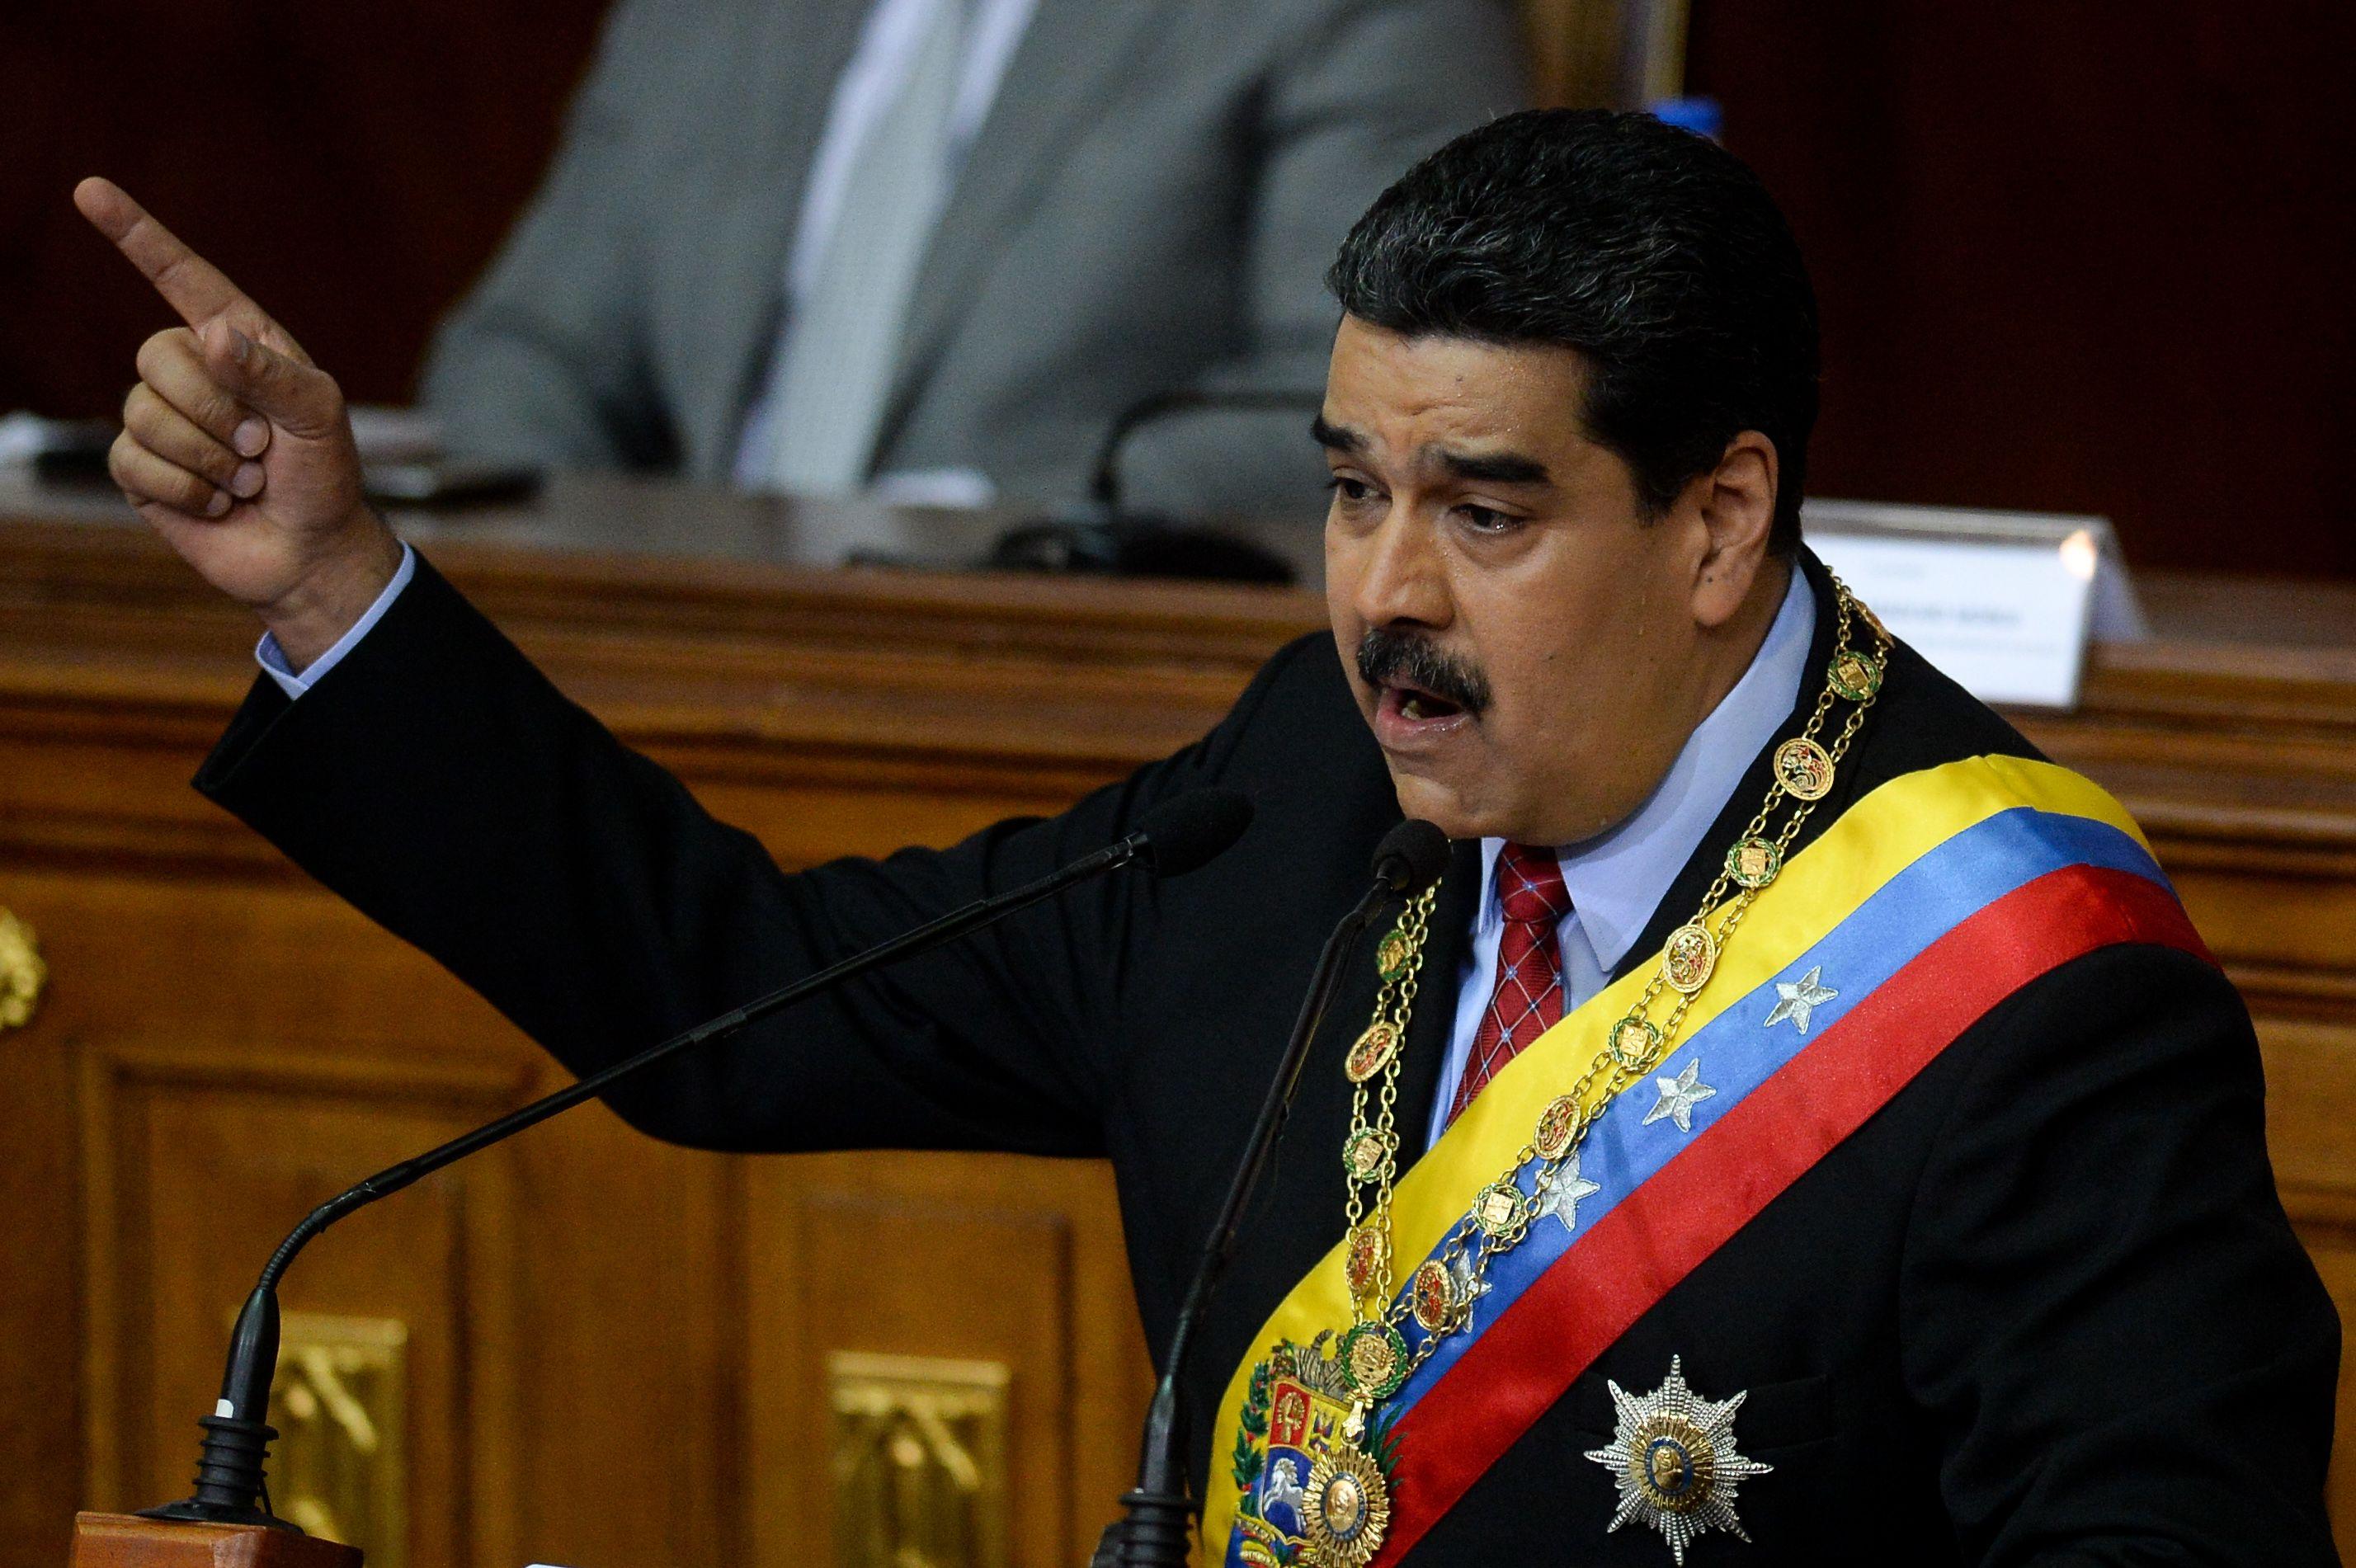 Intento De Asesinato De Nicolás Maduro, Presidente De Venezuela, Con Drones Cargados De Explosivos